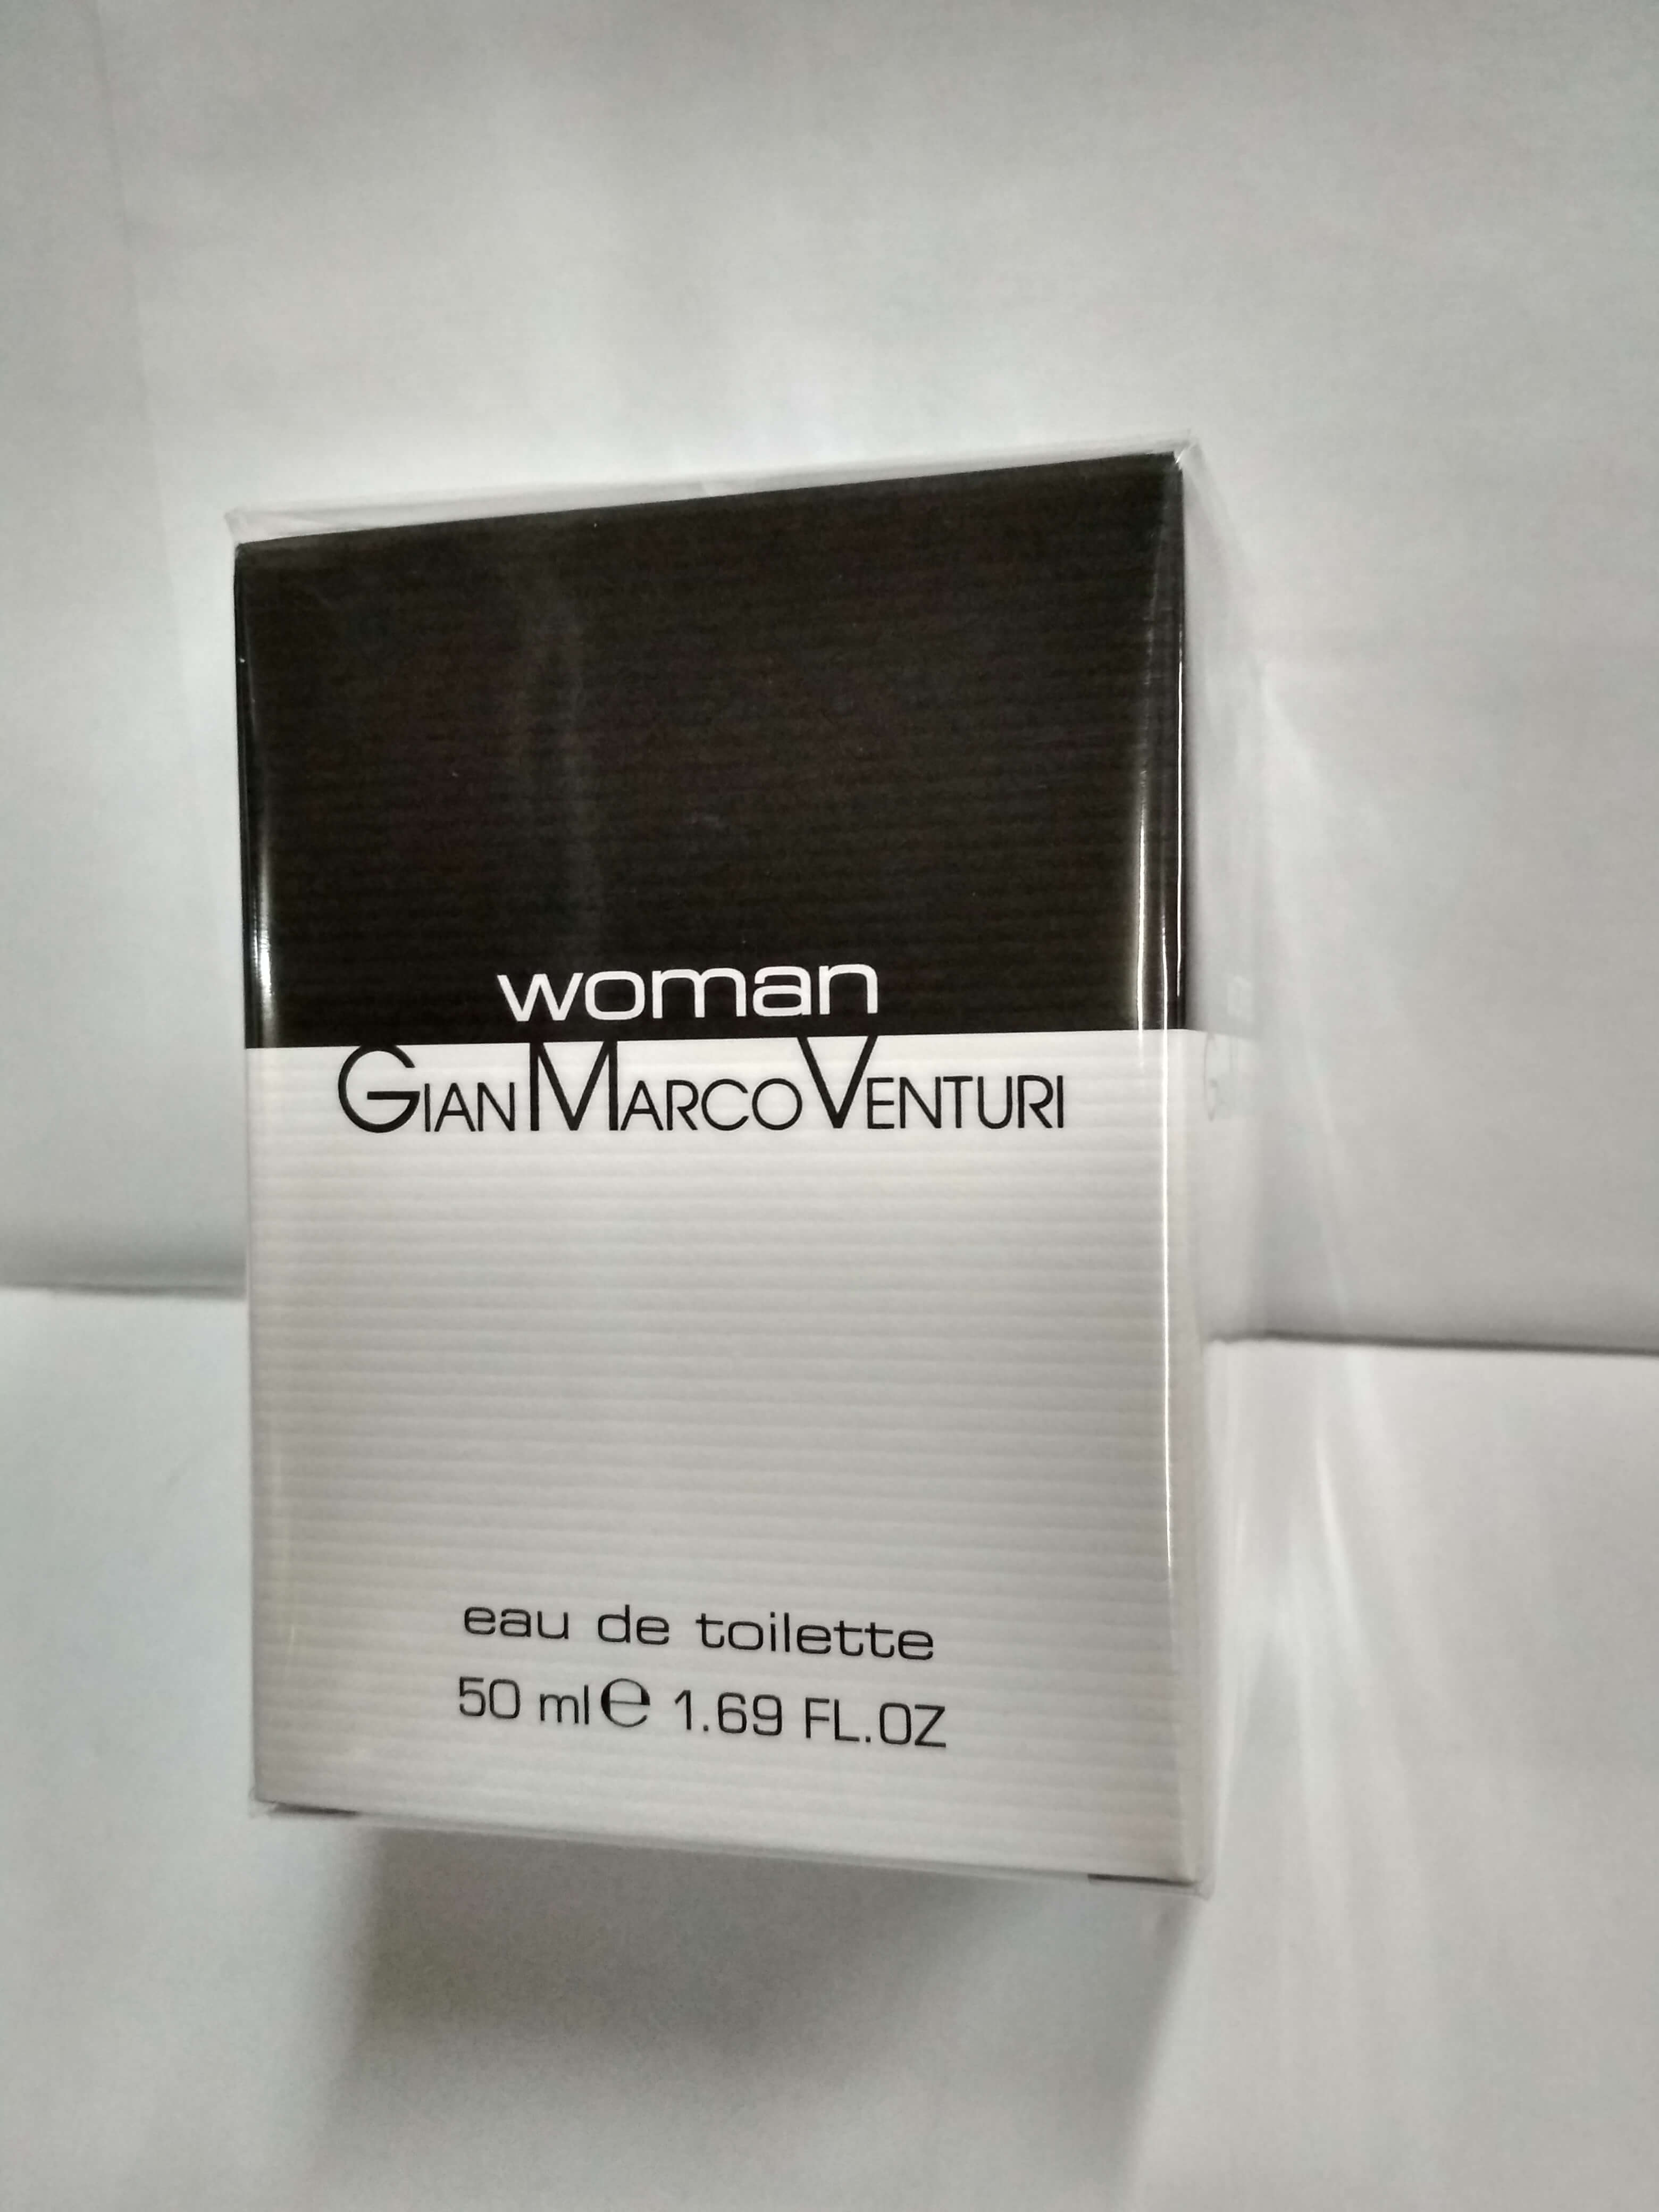 b86989cacb0e Gian Marco Venturi Woman 50 ml купить в Киеве туалетную воду для женщин